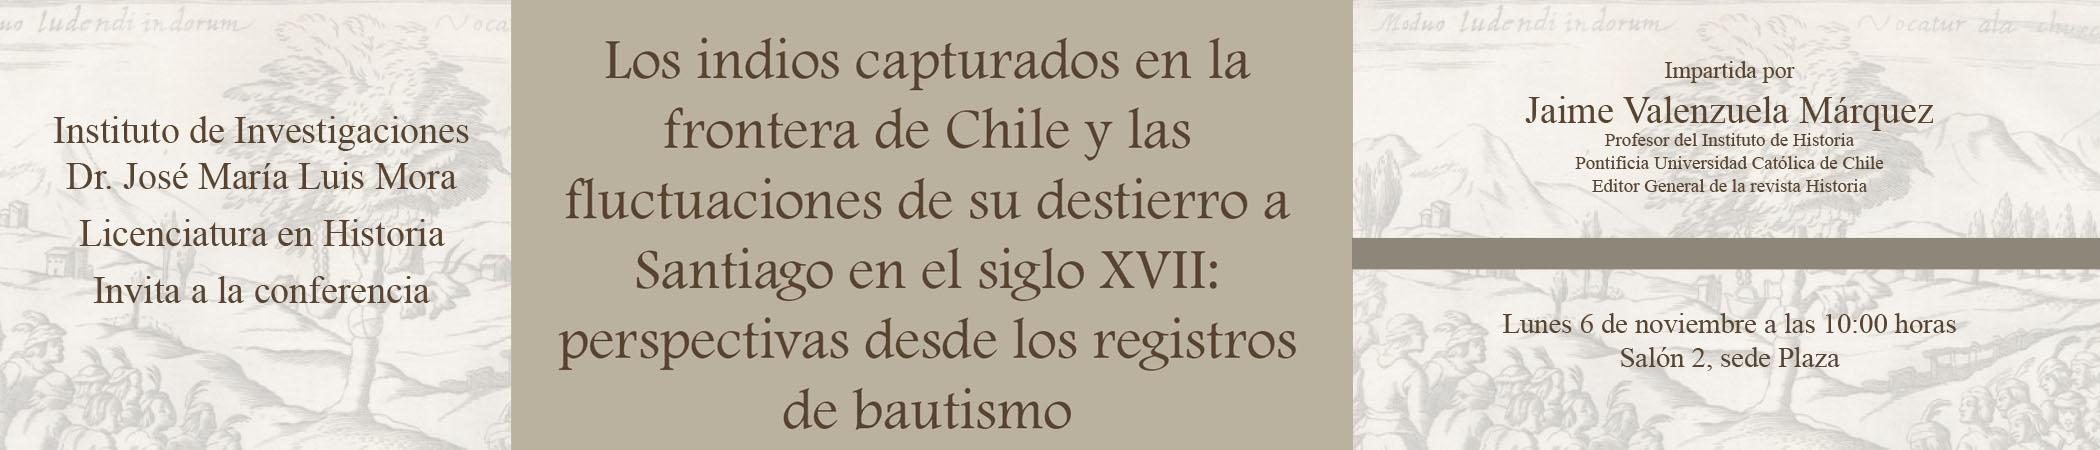 Conferencia Los indios capturados en la frontera de Chile y las fluctuaciones de su destierro a Santiago en el siglo XVII: perspectivas desde los registros de bautismo